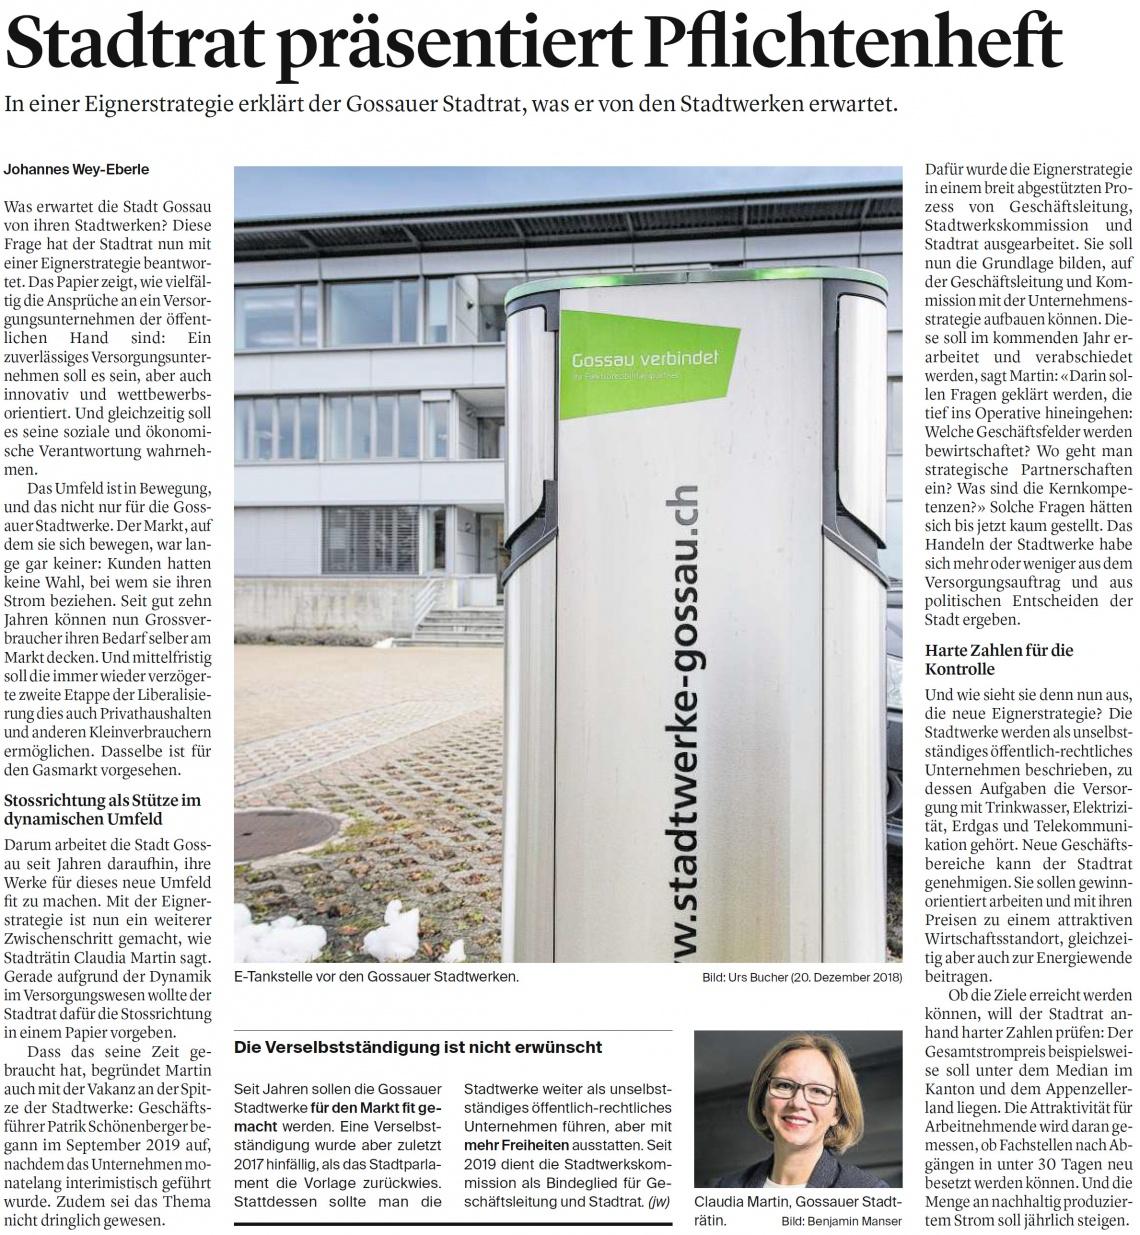 Stadtrat präsentiert Pflichtenheft (Dienstag, 15.12.2020)